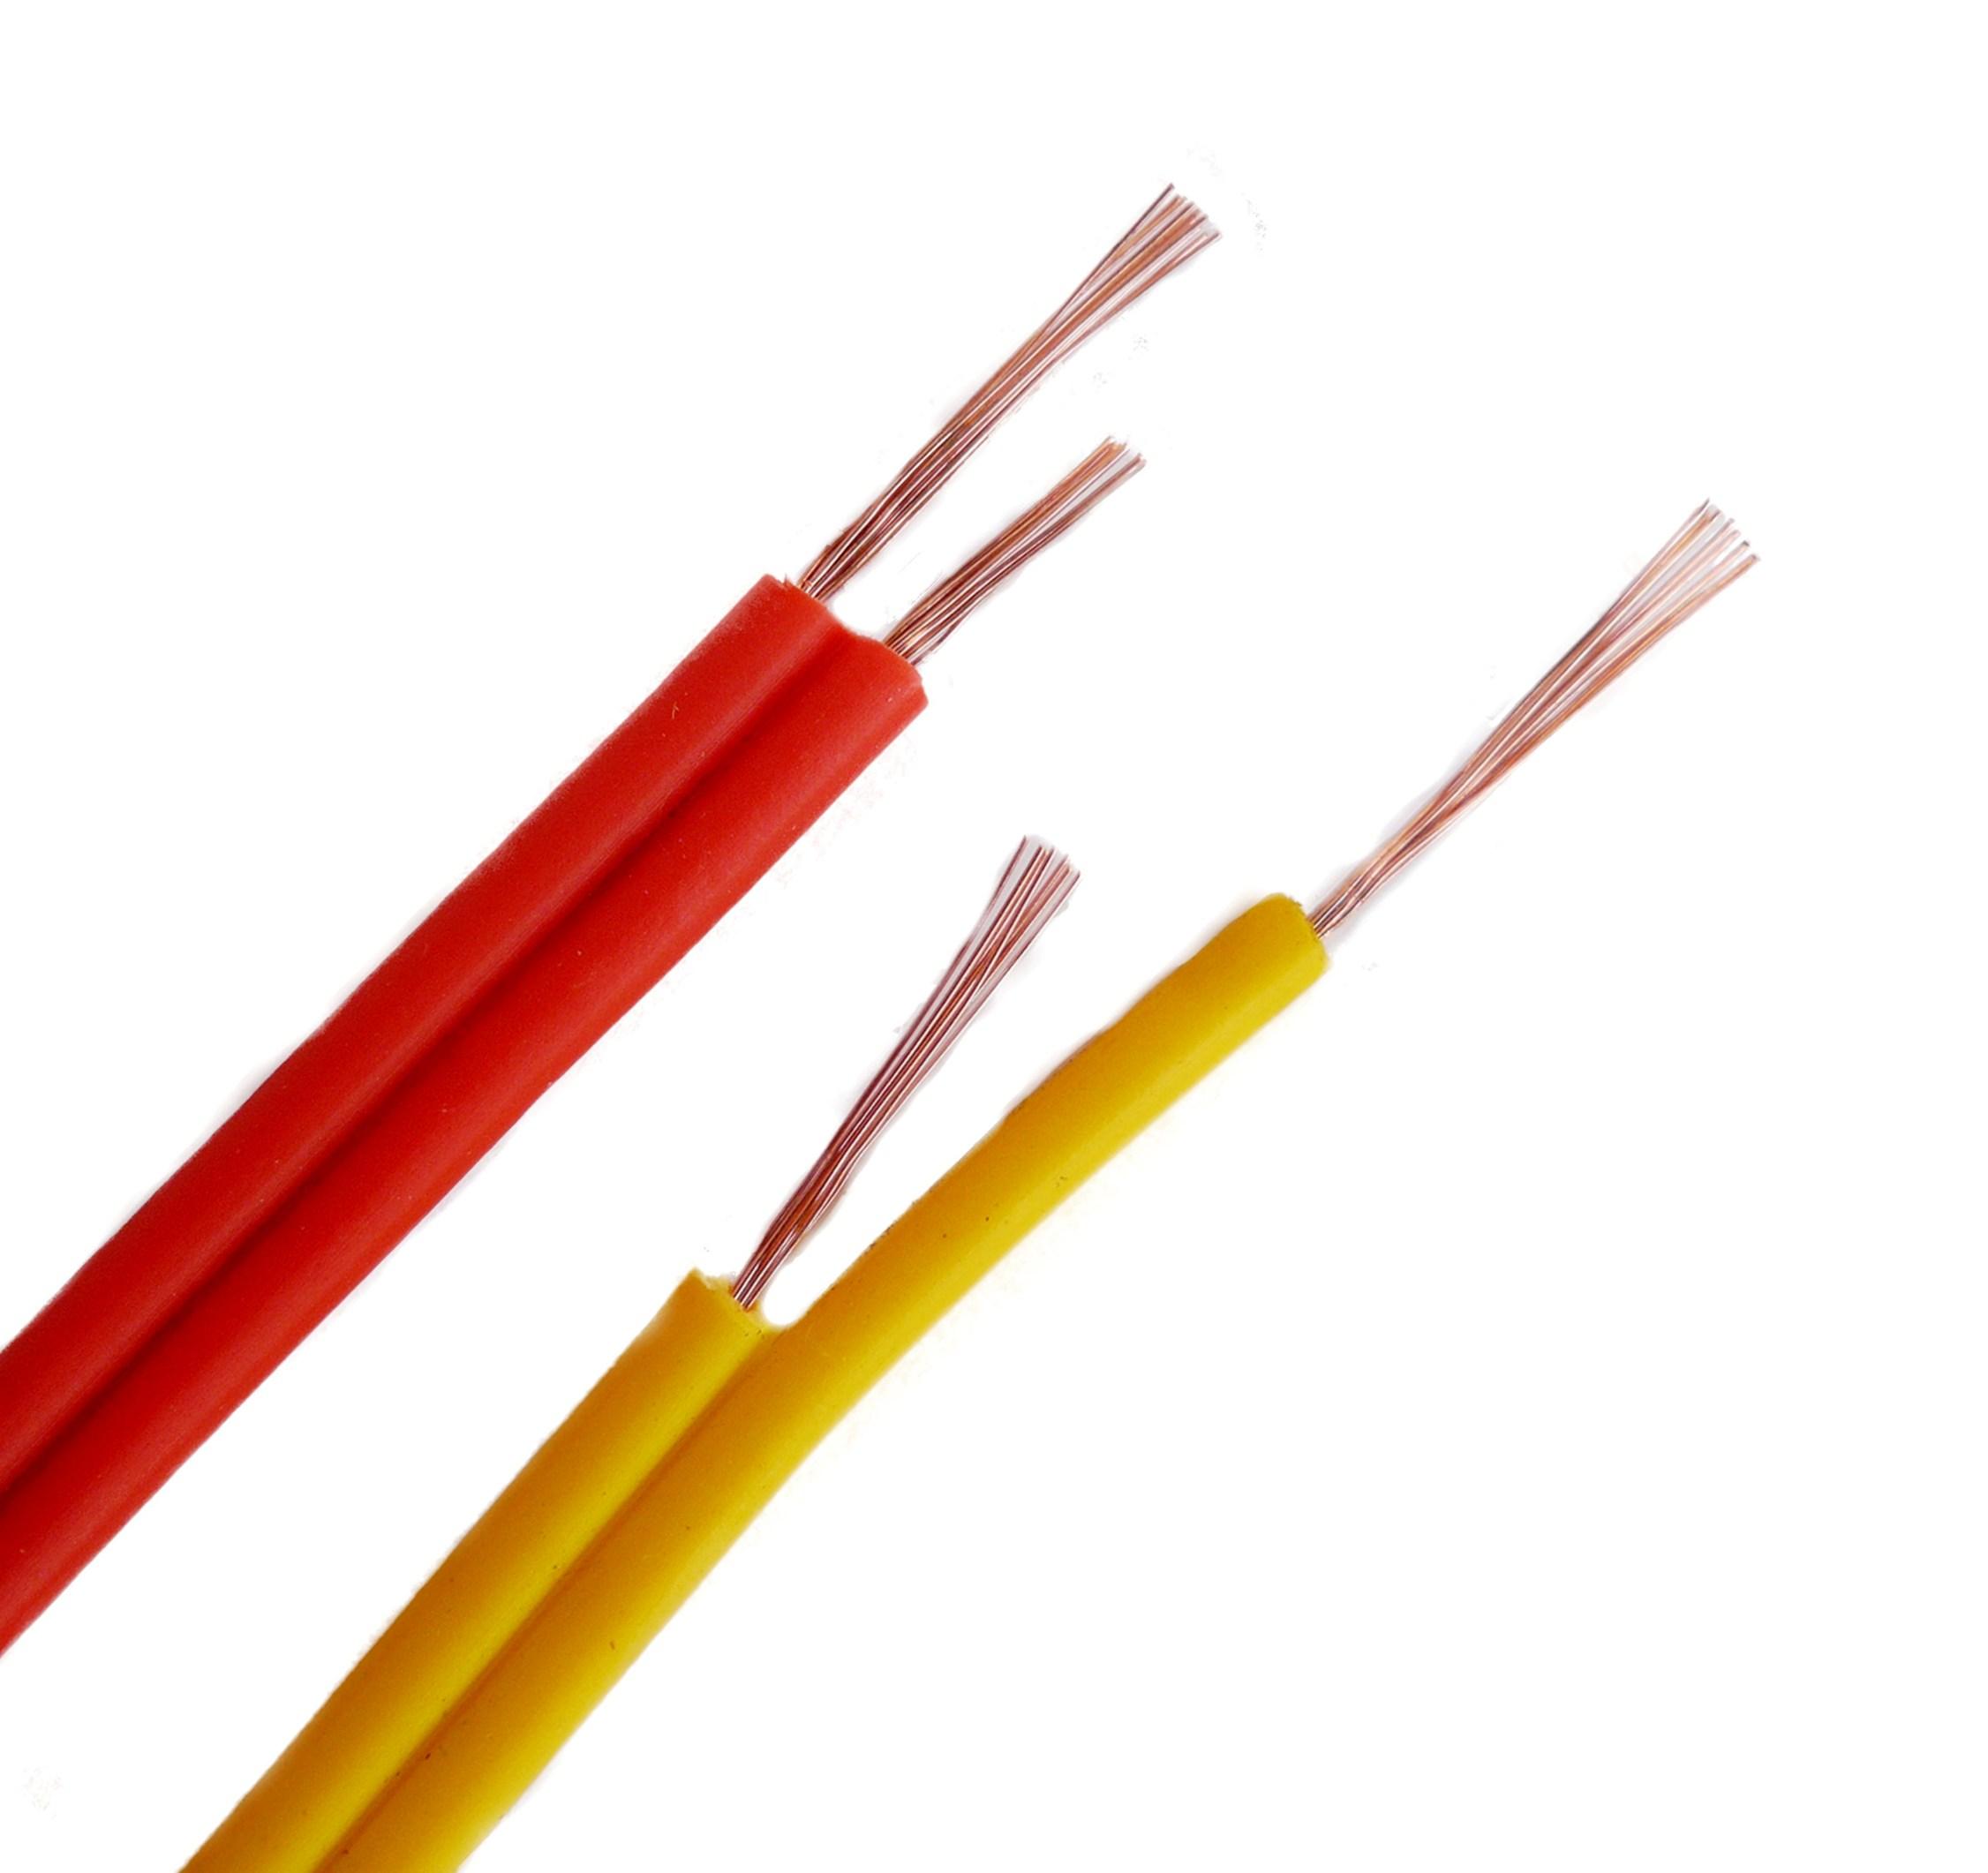 Dây điện đôi vỏ nhựa ruột đồng mềm VCmd 2x2.5 (2x50/0.25) 0.6/1KV